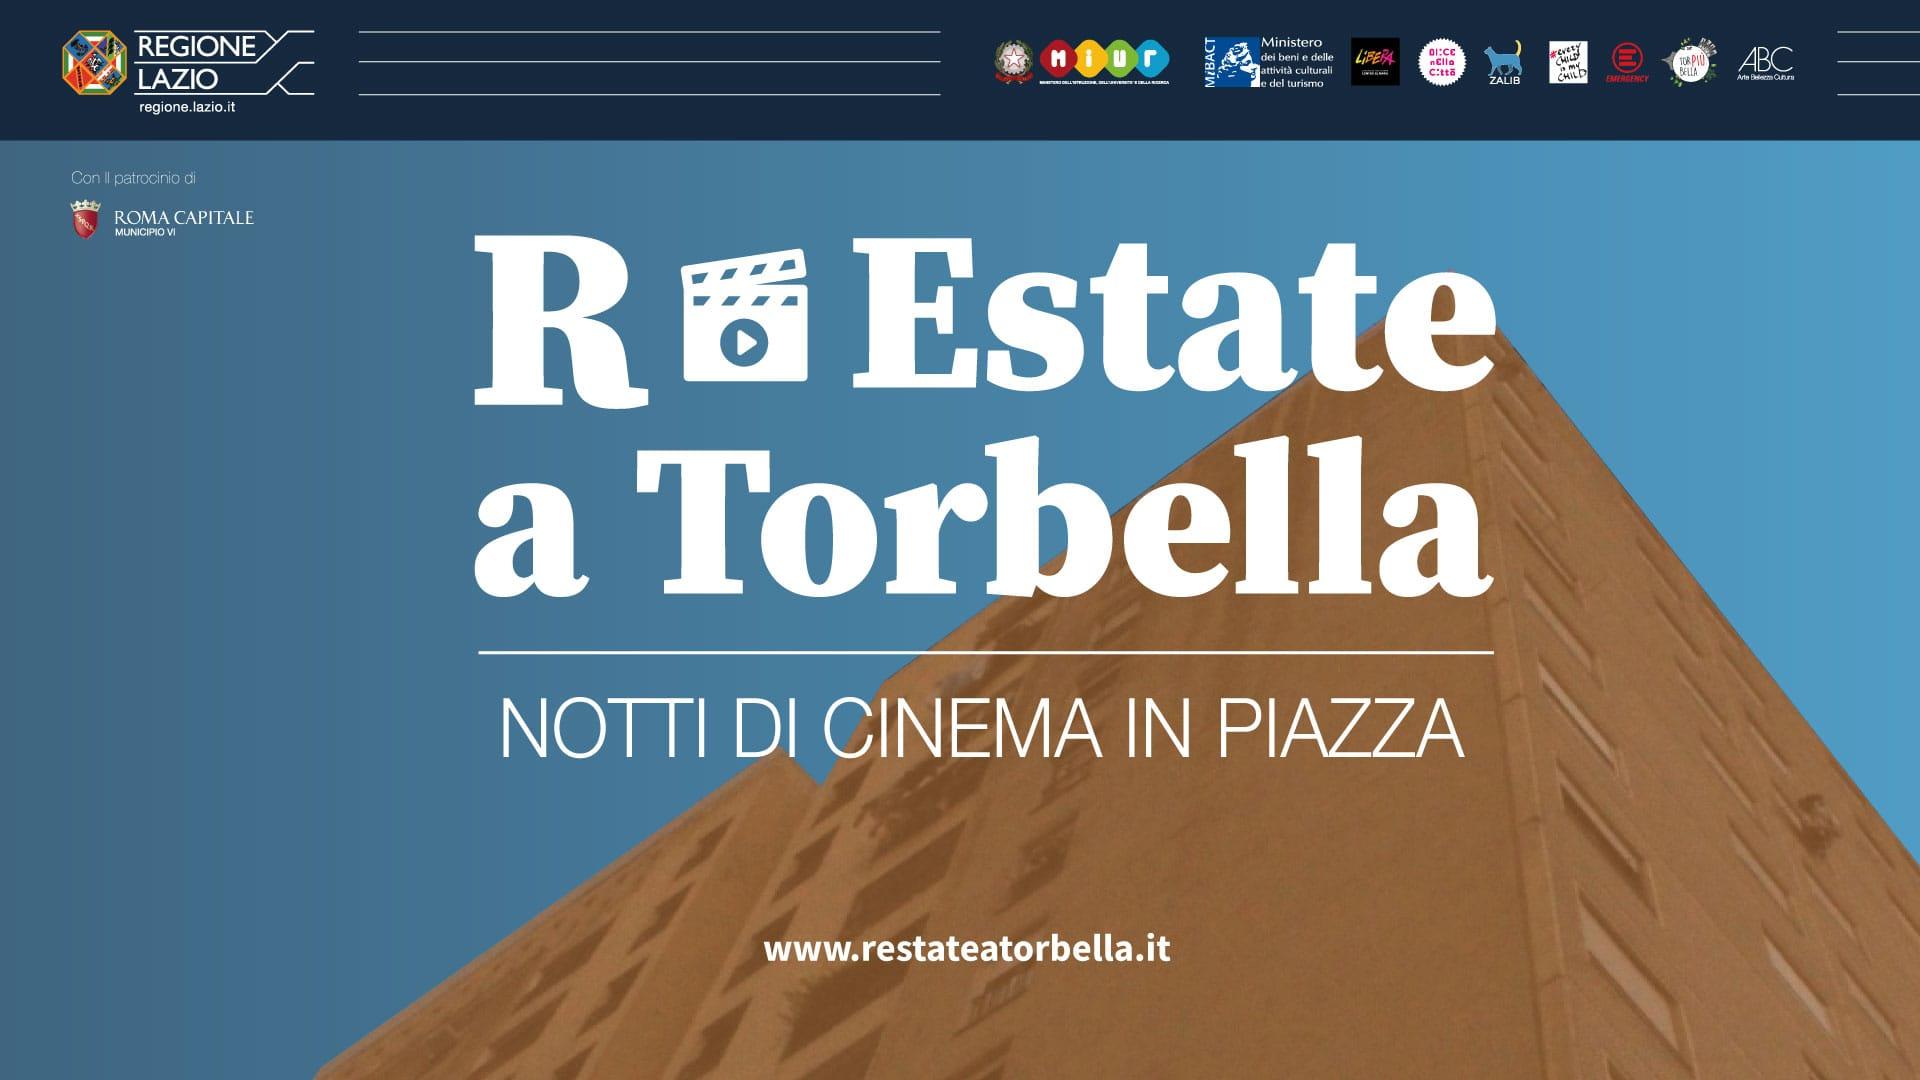 R-Estate a Torbella 2020, il programma dell'arena cinematografica all'aperto zerkalo spettacolo